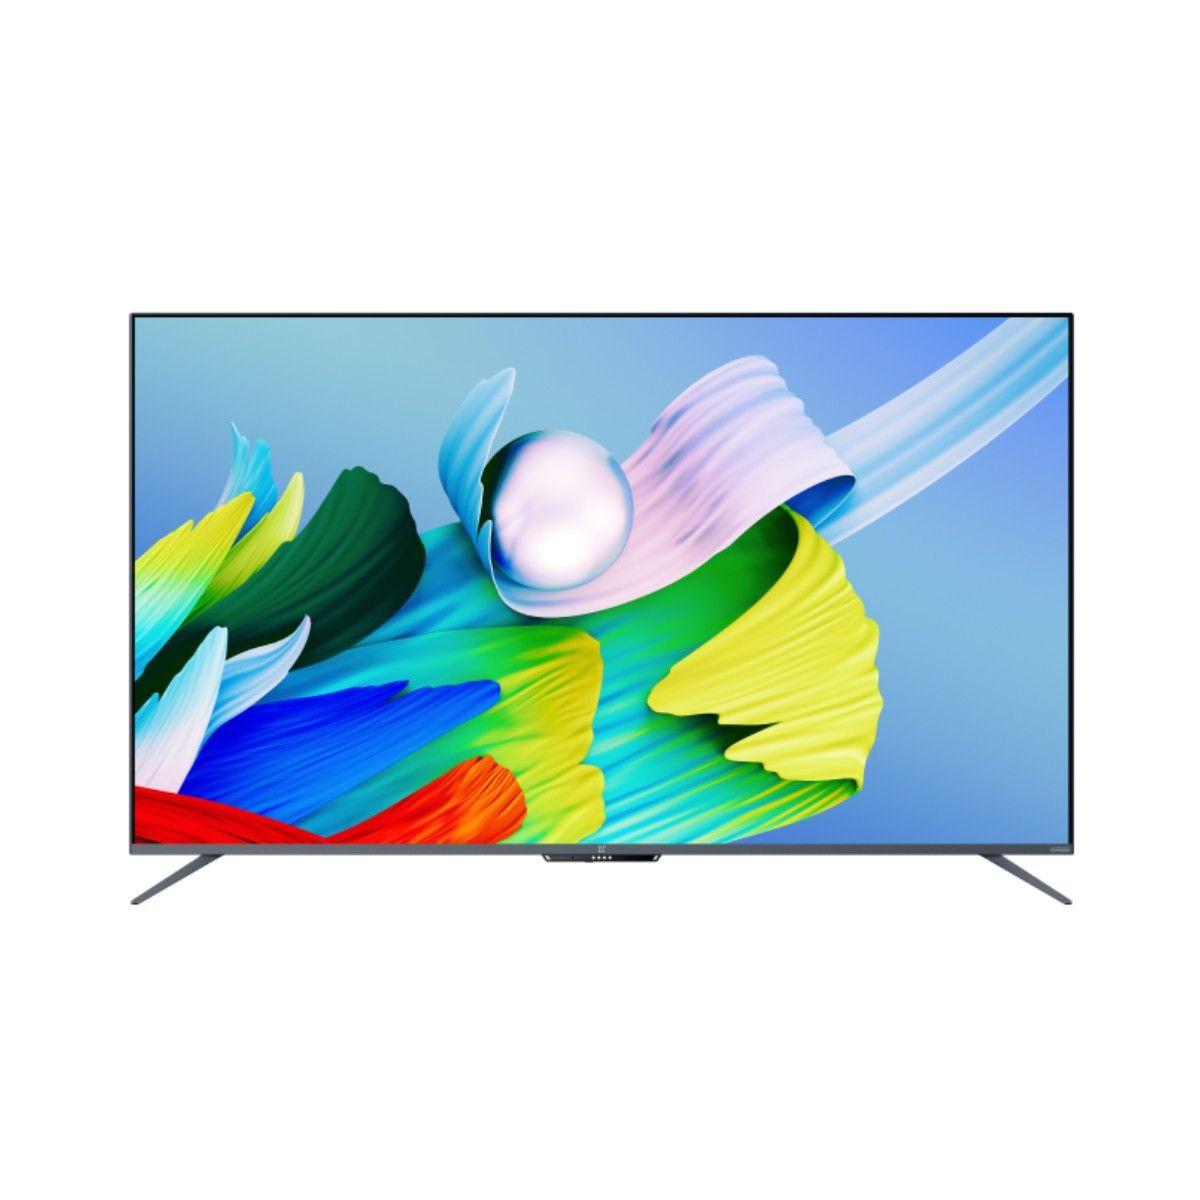 ಒನ್ಪ್ಲಸ್ TV U1S 55-inch 4k LED TV